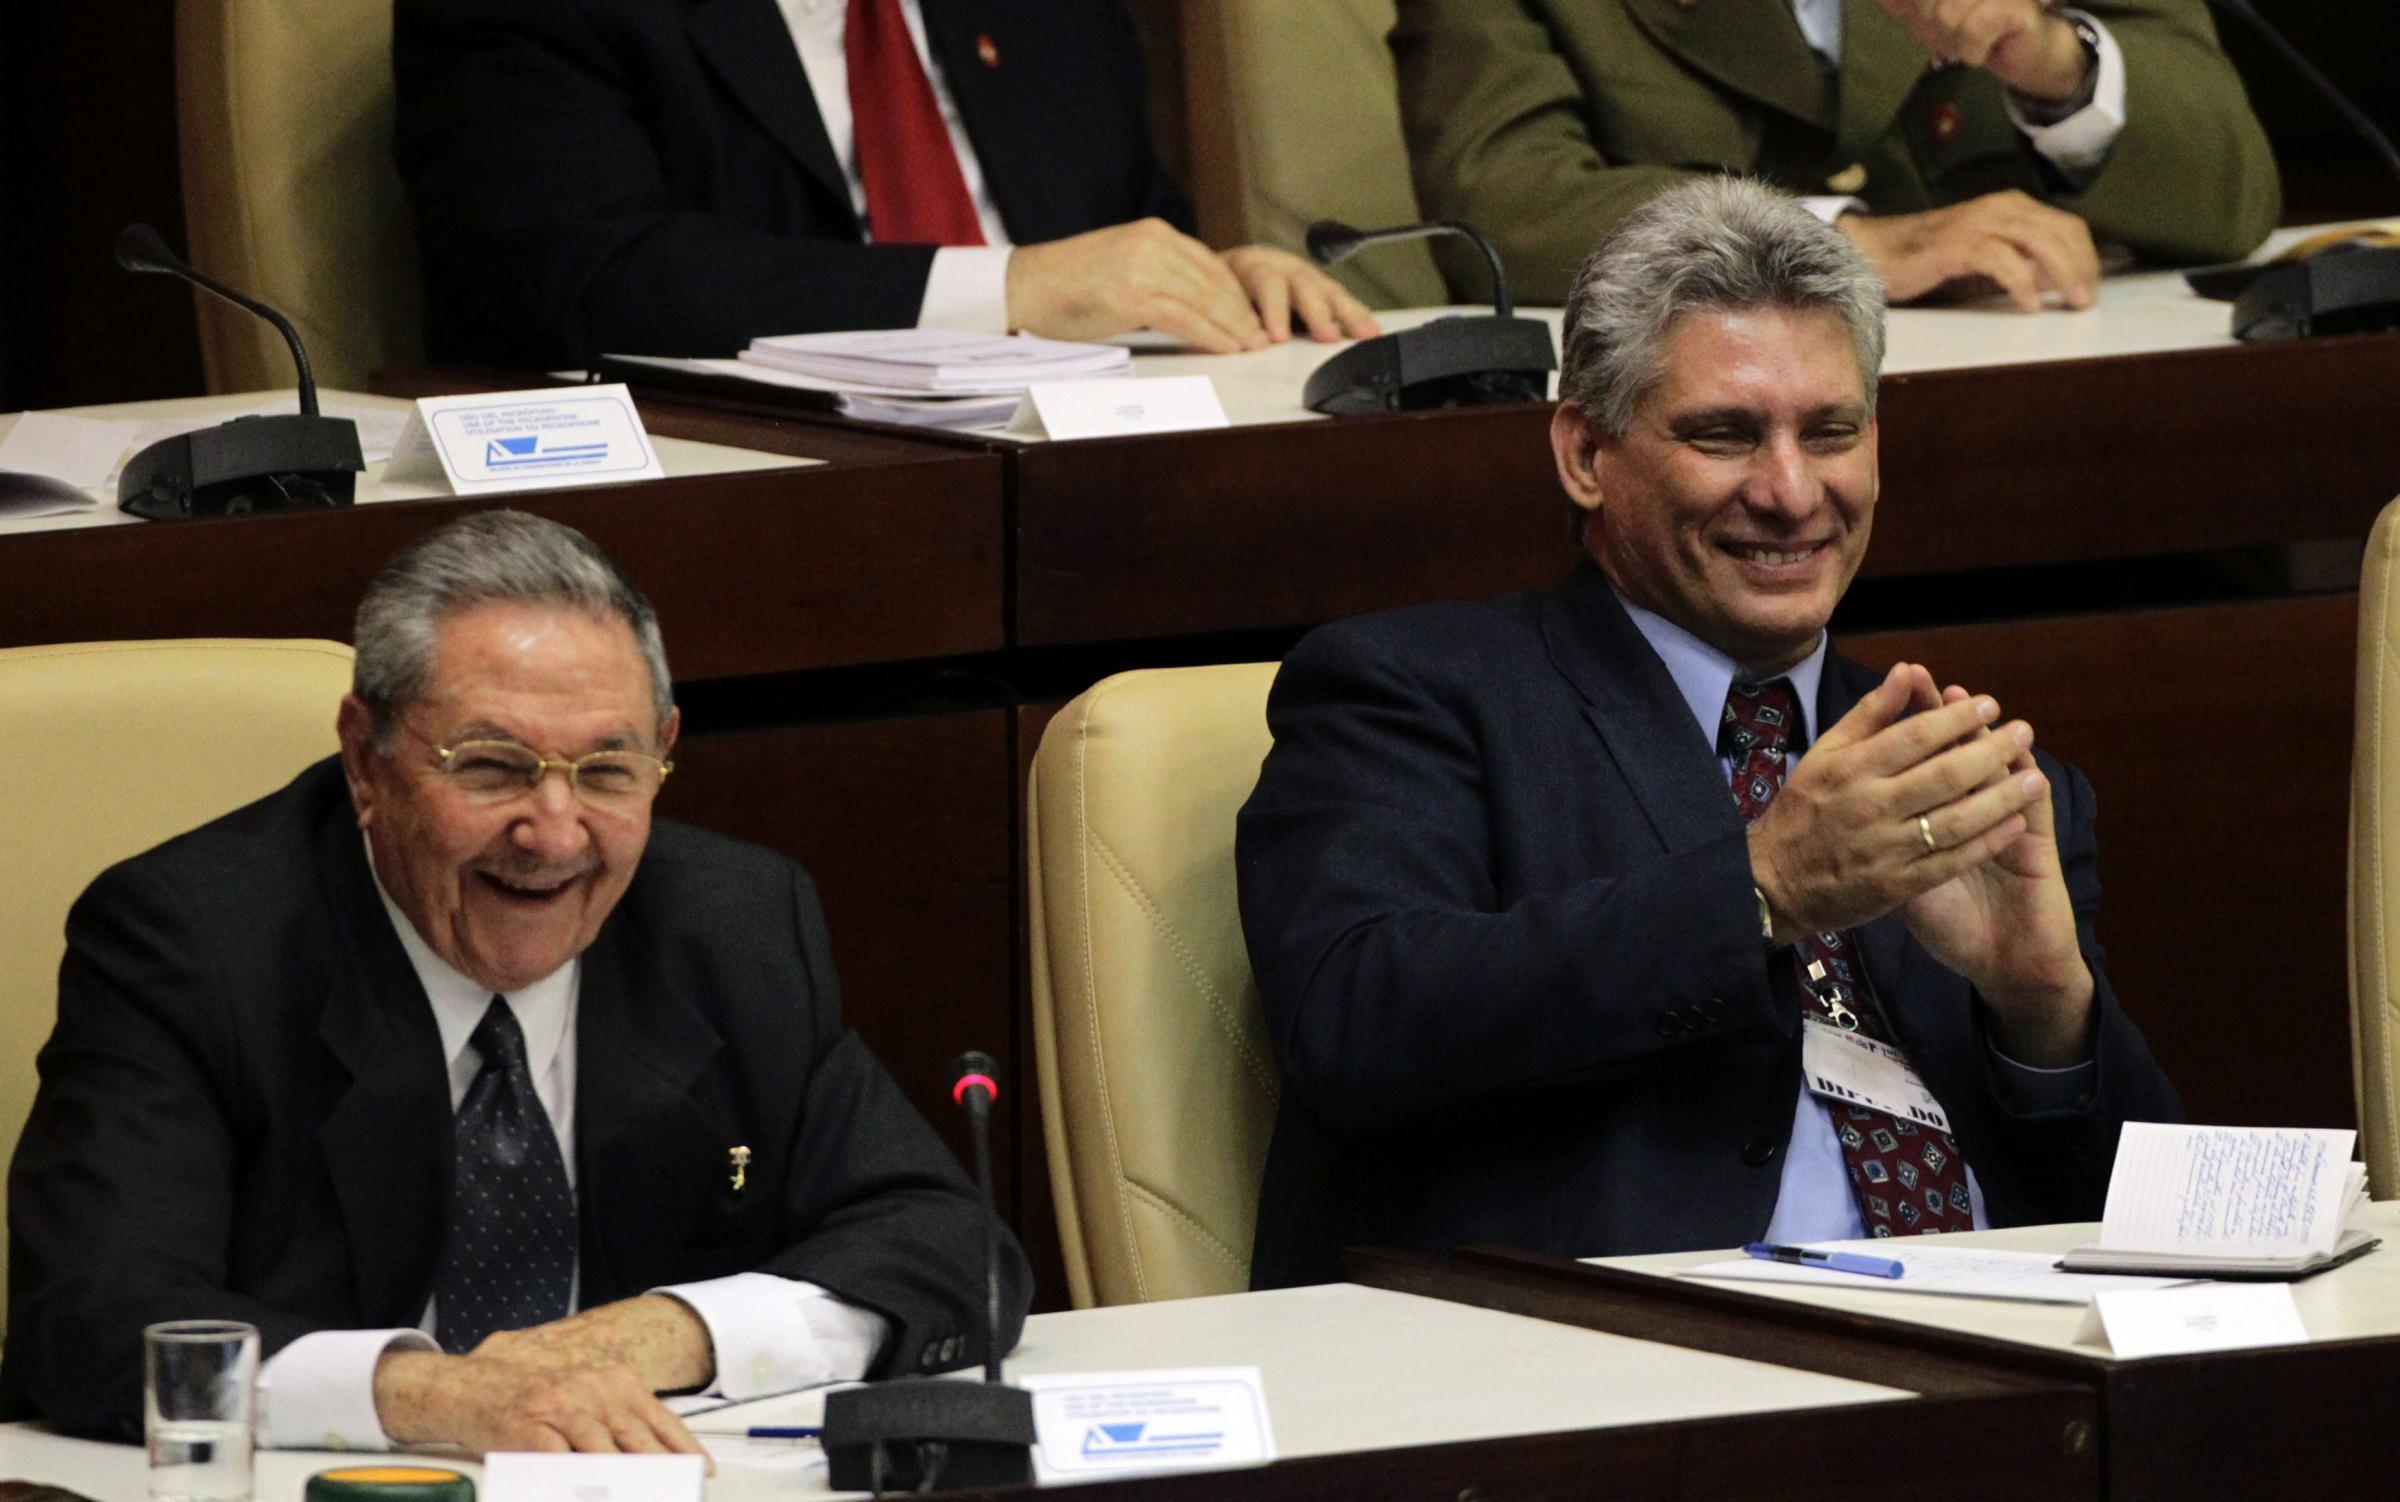 劳尔 卡斯特罗宣布2018年退休 52岁副主席有望接任